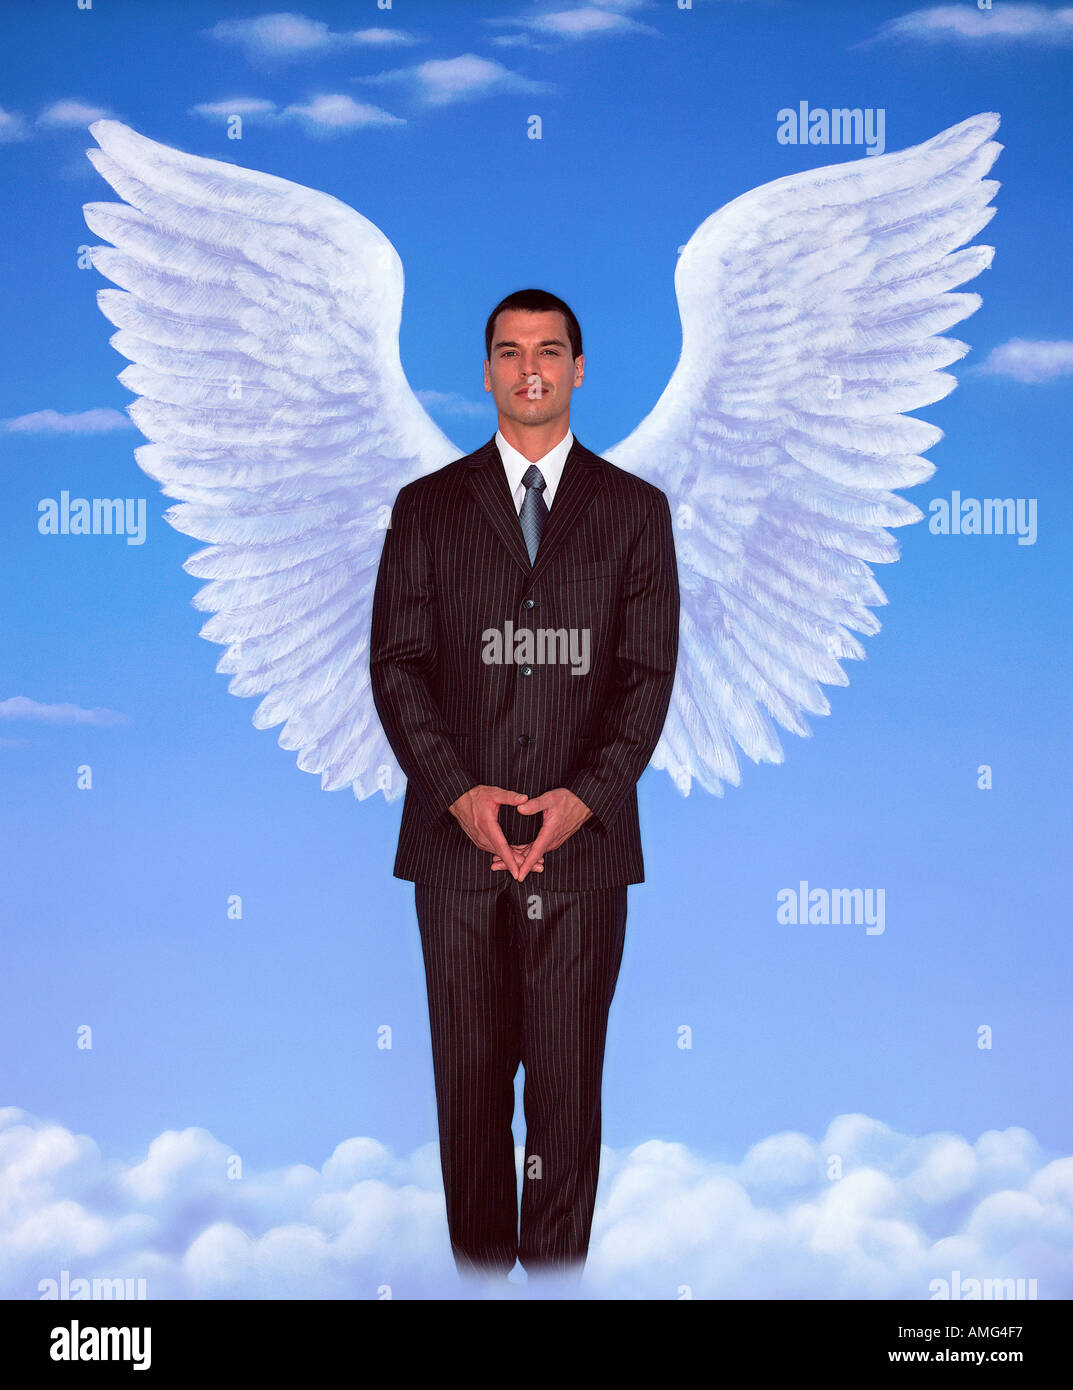 Ein Porträt des jungen Mann in einem Business-Anzug und Flügel gegen blauen Himmel Stockbild